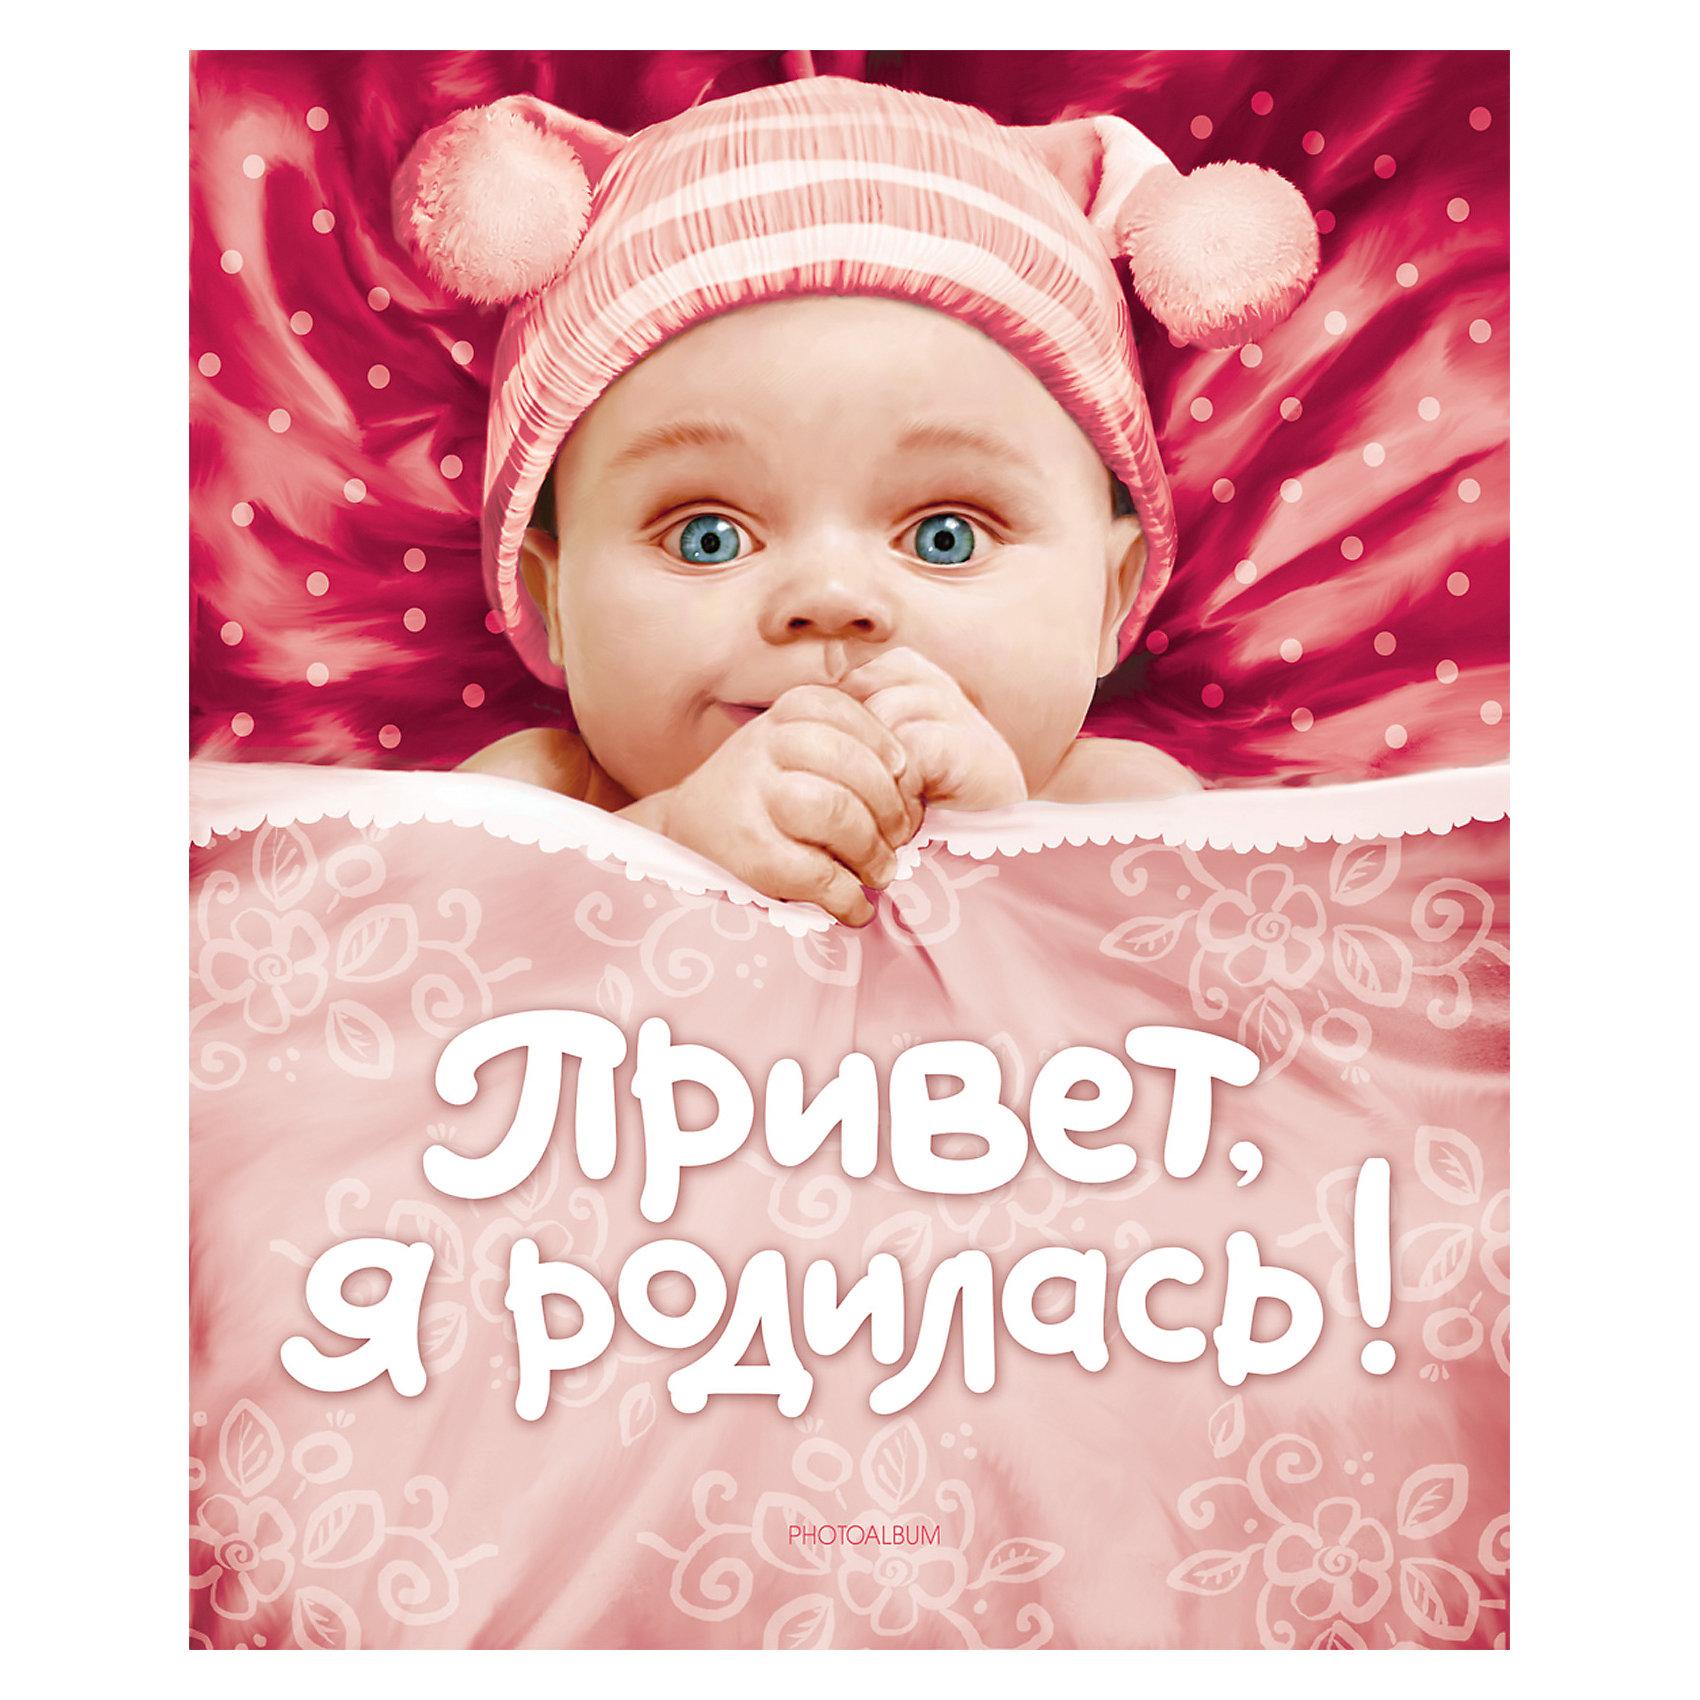 Привет, я родилась!Характеристики товара:<br><br>- цвет: разноцветный;<br>- материал: бумага, картон;<br>- формат: 27 х 14 см;<br>- страниц: 48;<br>- размер фотографий: 10 х 15 см;<br>- количество фотографий: 29;<br>- обложка: твердая.<br><br><br>Этот фотоальбом станет отличным подарком для родителей и ребенка. Он поможет сохранить самые важные моменты из жизни малыша. Каждый разворот альбома - тематический, также на страницах можно заполнить поля для записей.<br>Удобный формат и красивая обложка. Издание произведено из качественных материалов, которые безопасны даже для самых маленьких.<br><br>Издание Привет, я родилась! от компании Росмэн можно купить в нашем интернет-магазине.<br><br>Ширина мм: 270<br>Глубина мм: 135<br>Высота мм: 10<br>Вес г: 402<br>Возраст от месяцев: 0<br>Возраст до месяцев: 36<br>Пол: Женский<br>Возраст: Детский<br>SKU: 5110142